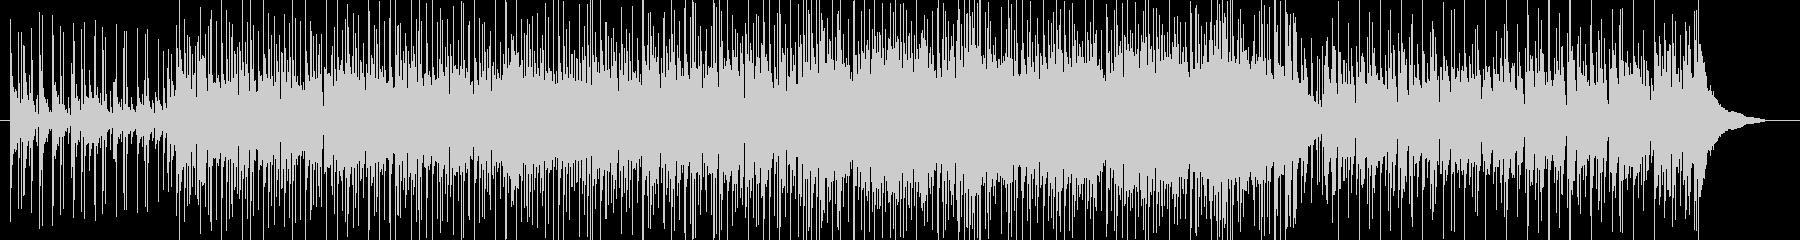 ボサノバっぽいピアノ ギターの未再生の波形